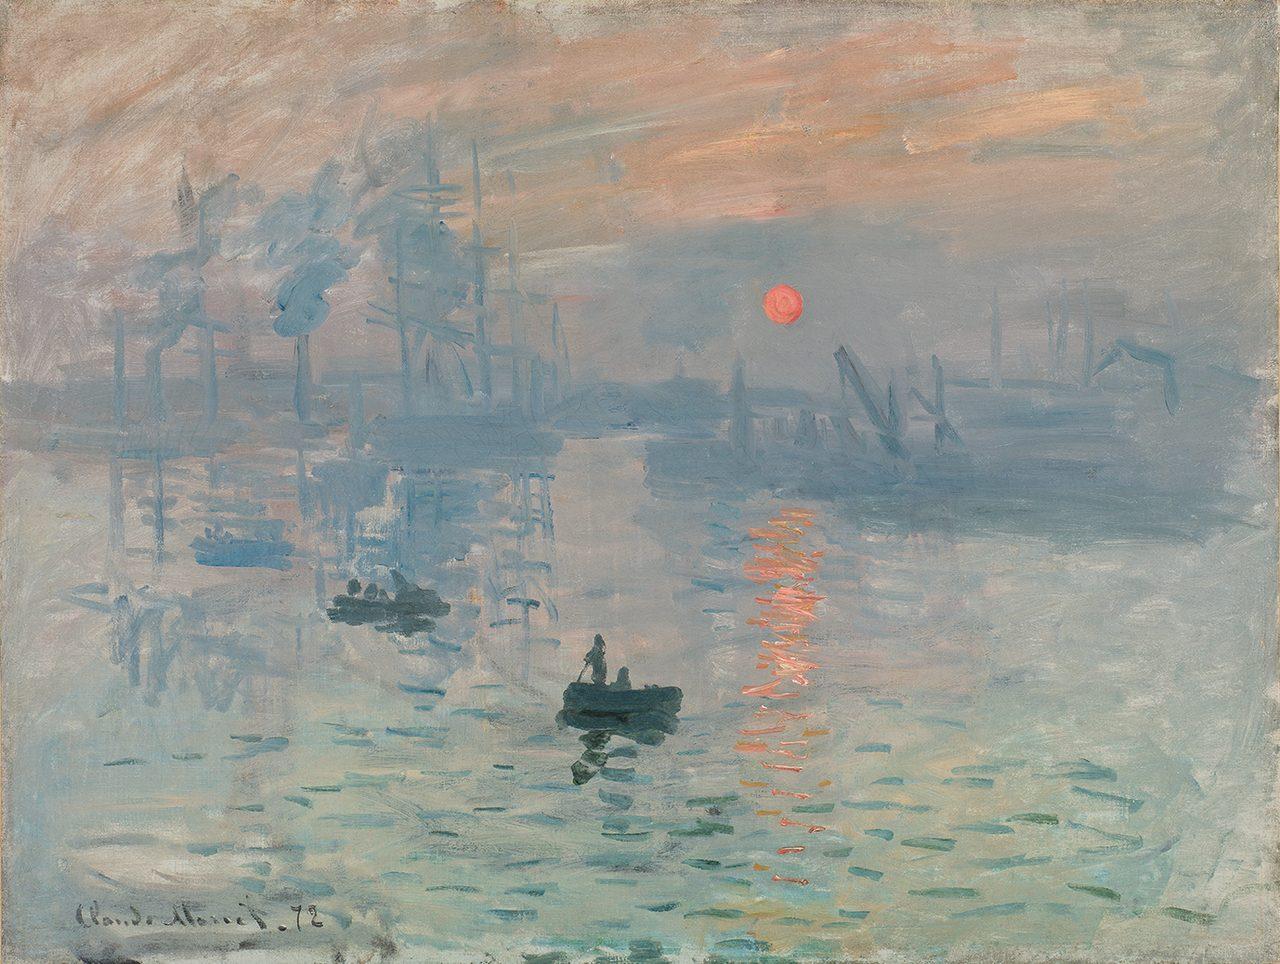 画像: クロード・モネ《印象、日の出》(1872年) 東京展展示期間:10月18日まで Musée Marmottan Monet, Paris © Christian Baraja